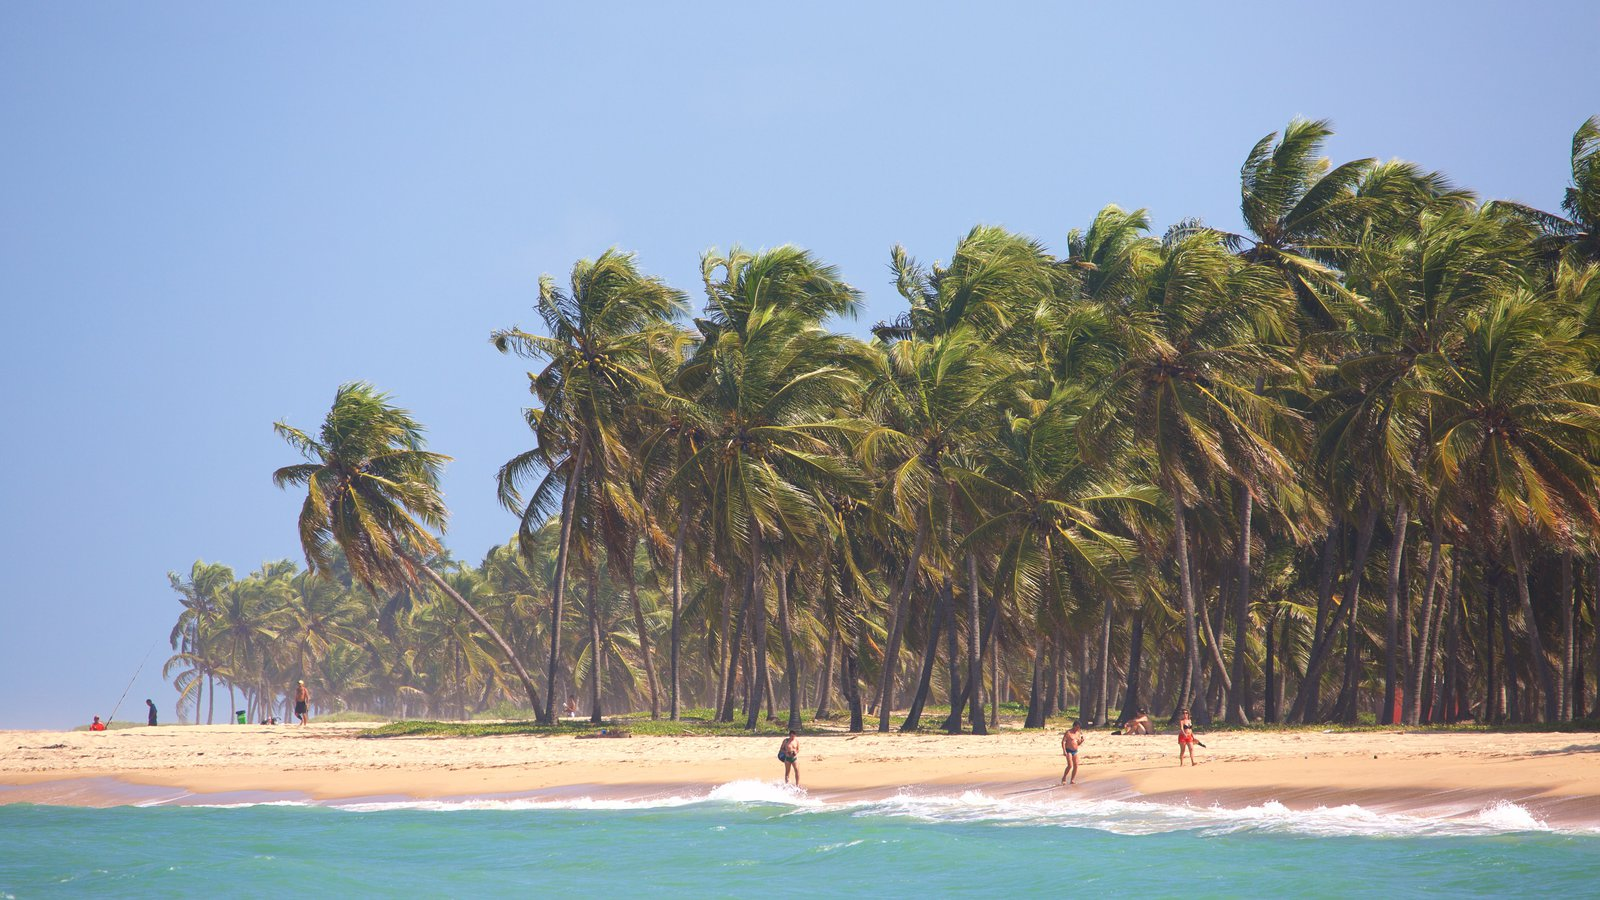 Maceió caracterizando uma praia de areia, cenas tropicais e paisagens litorâneas